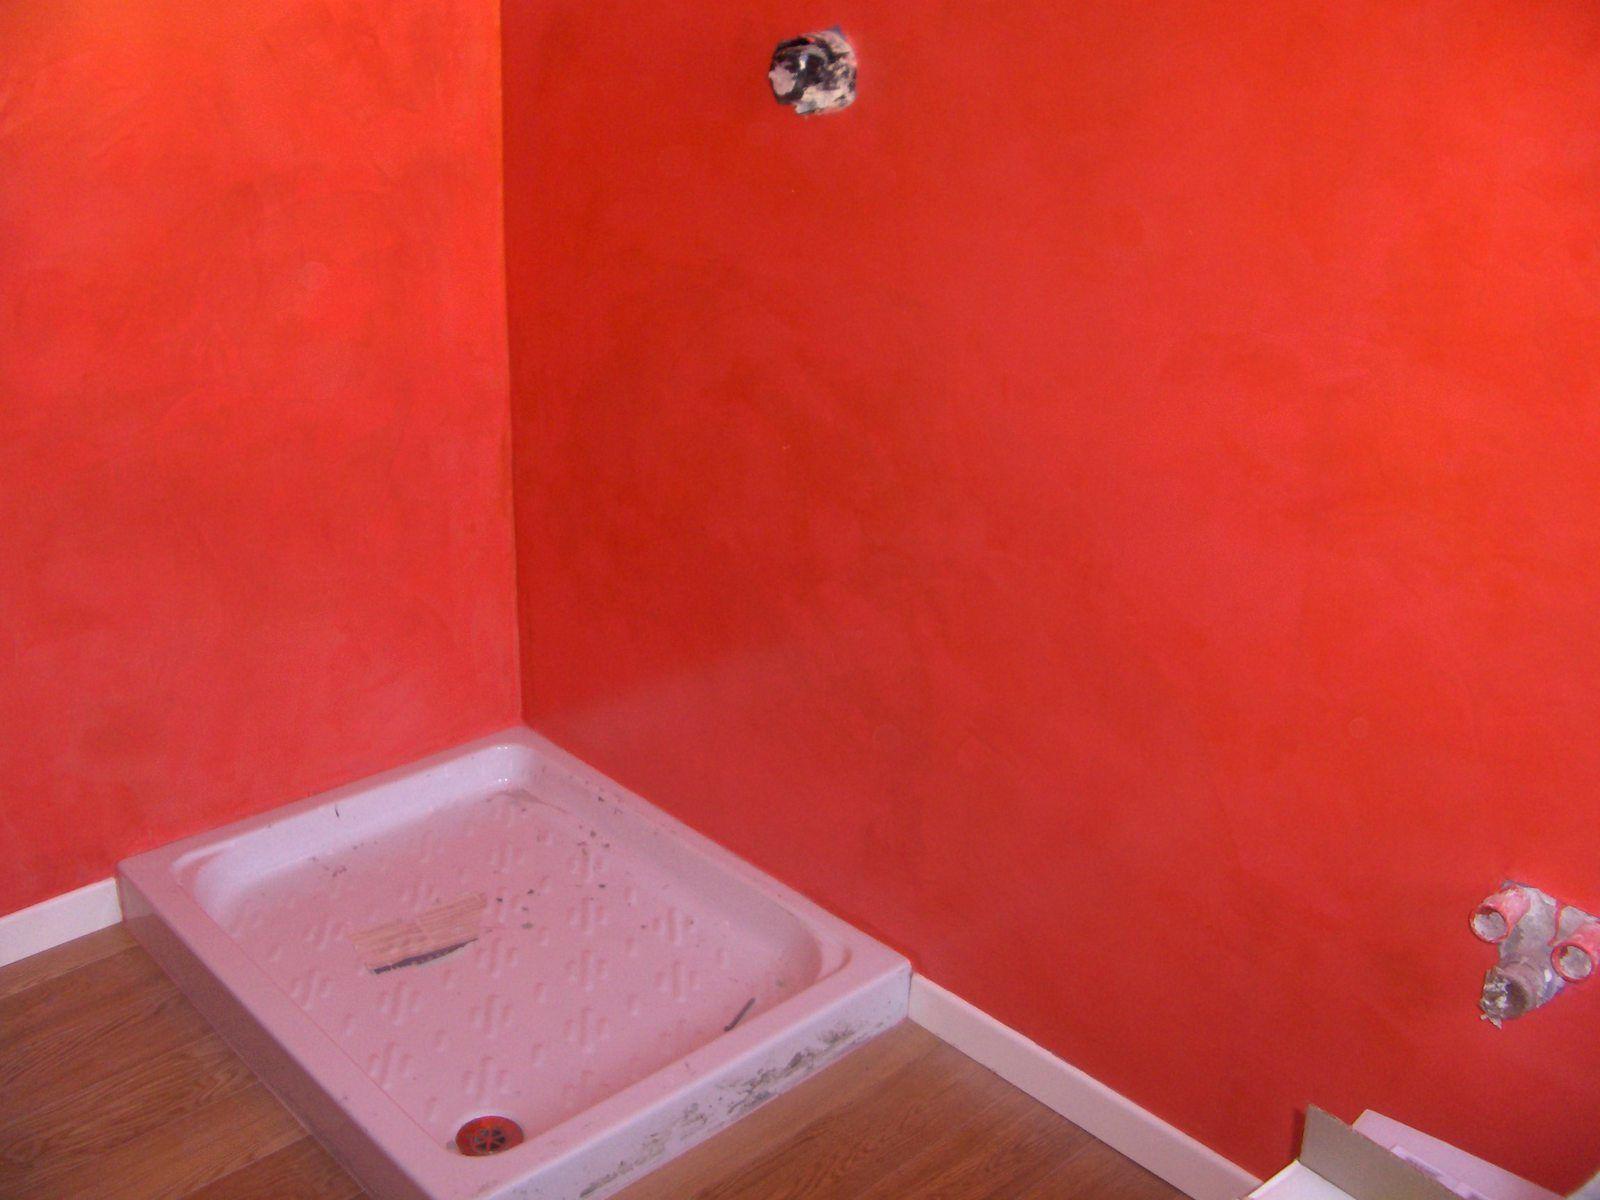 Vasca Da Bagno Resina Prezzi : Pareti bagno in resina prezzi latest vasca da bagno in resina